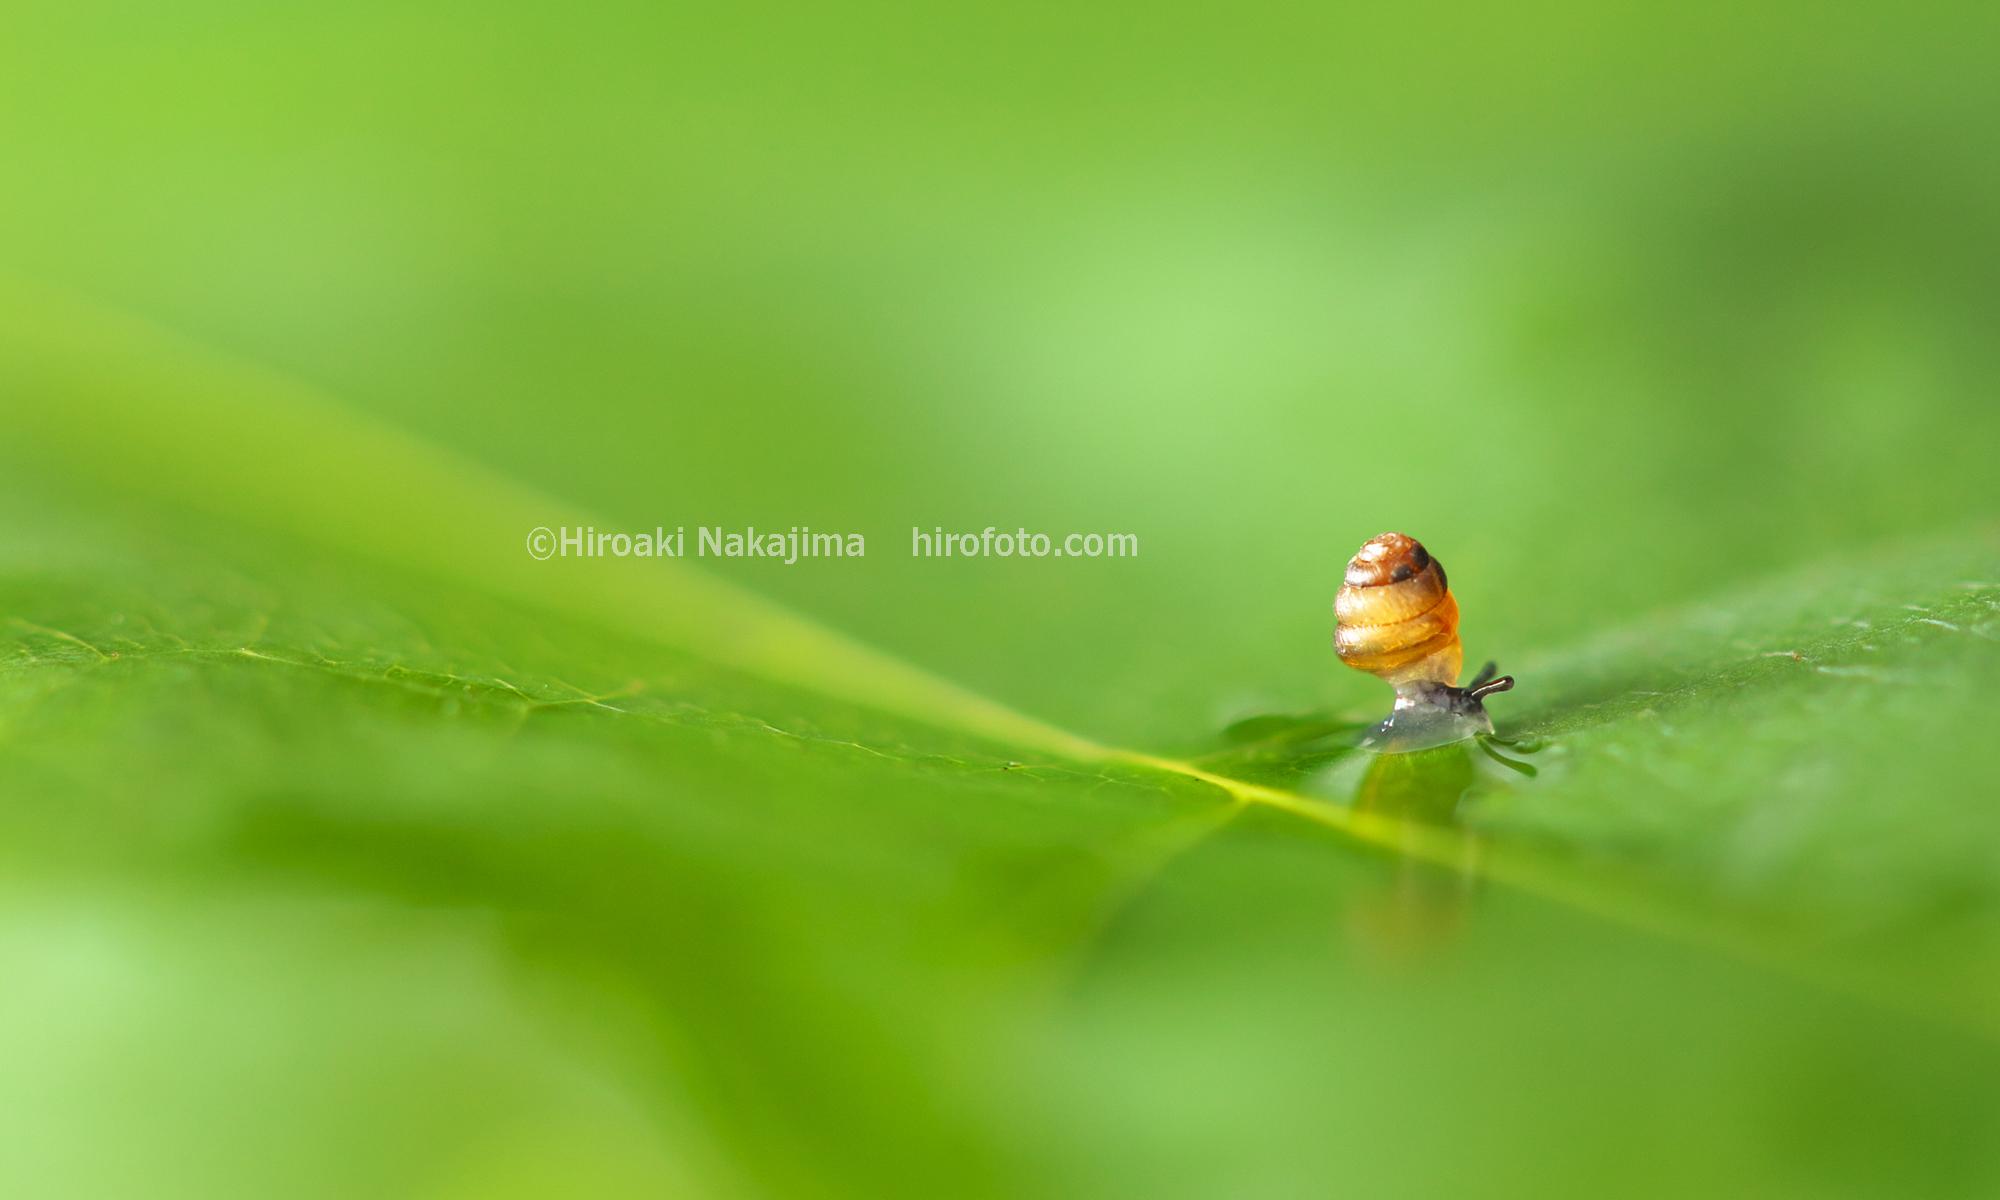 hirofoto.com